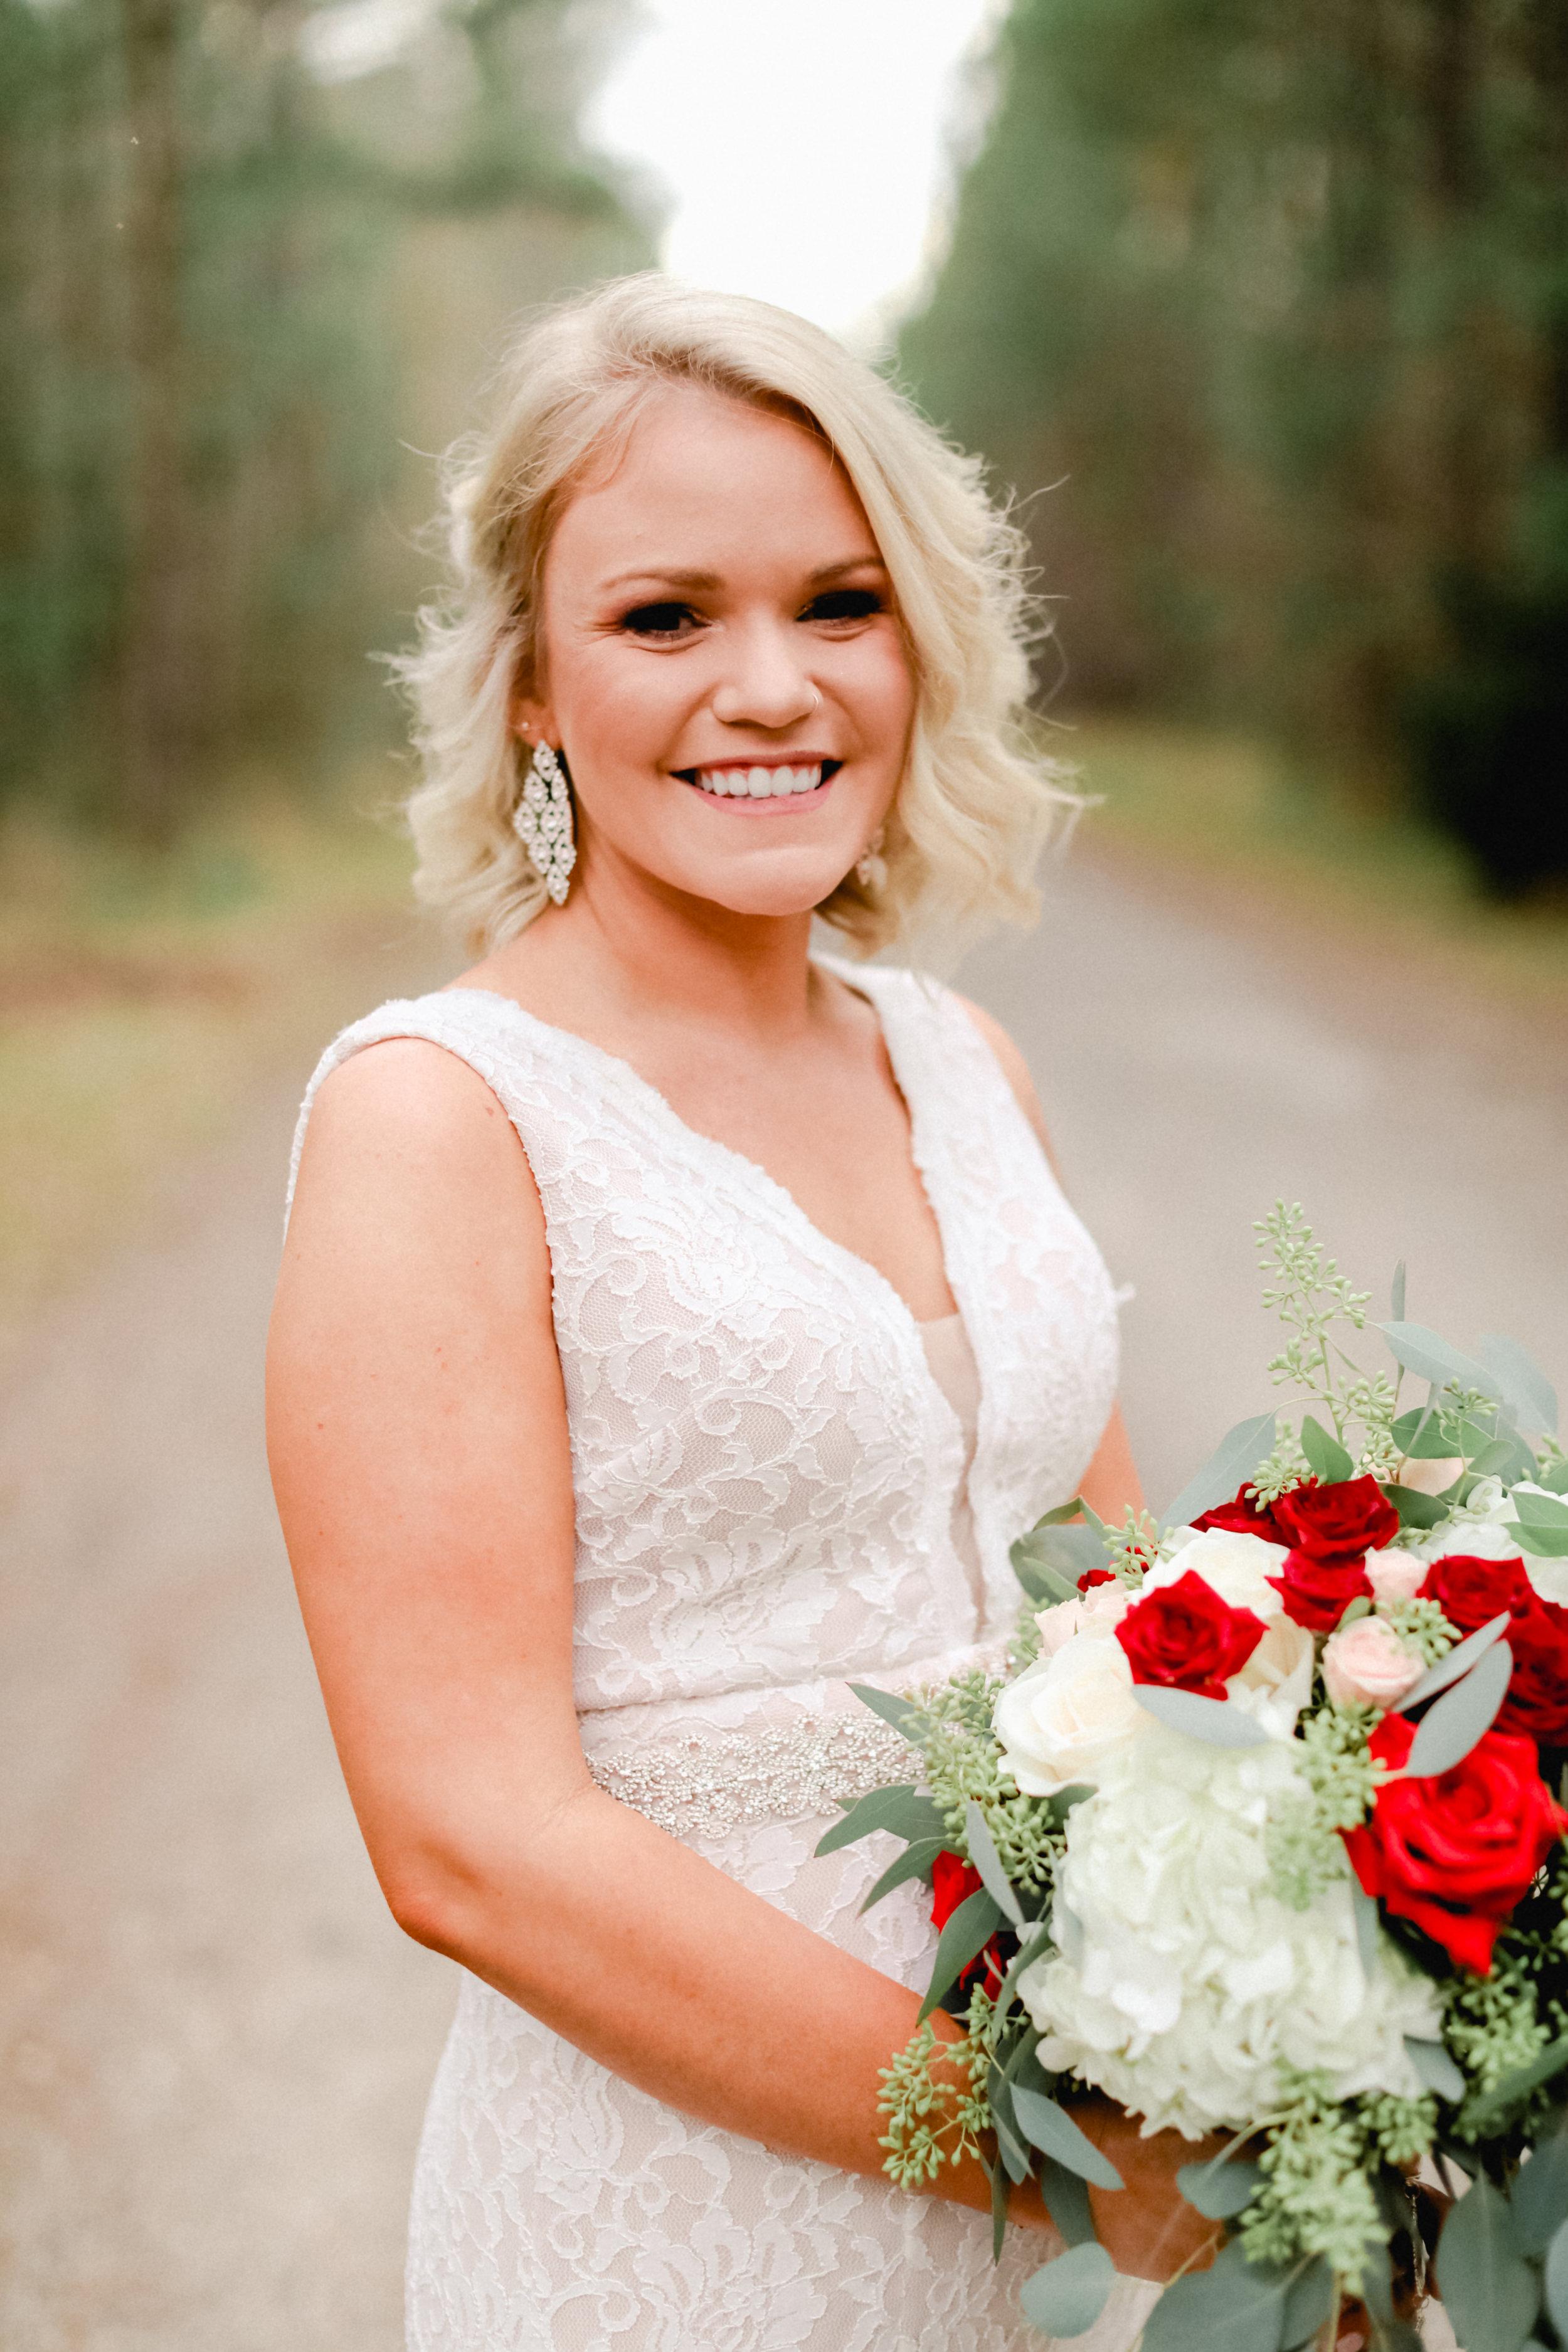 sara_kyle_married_newlywed_finals_2019-165.jpg